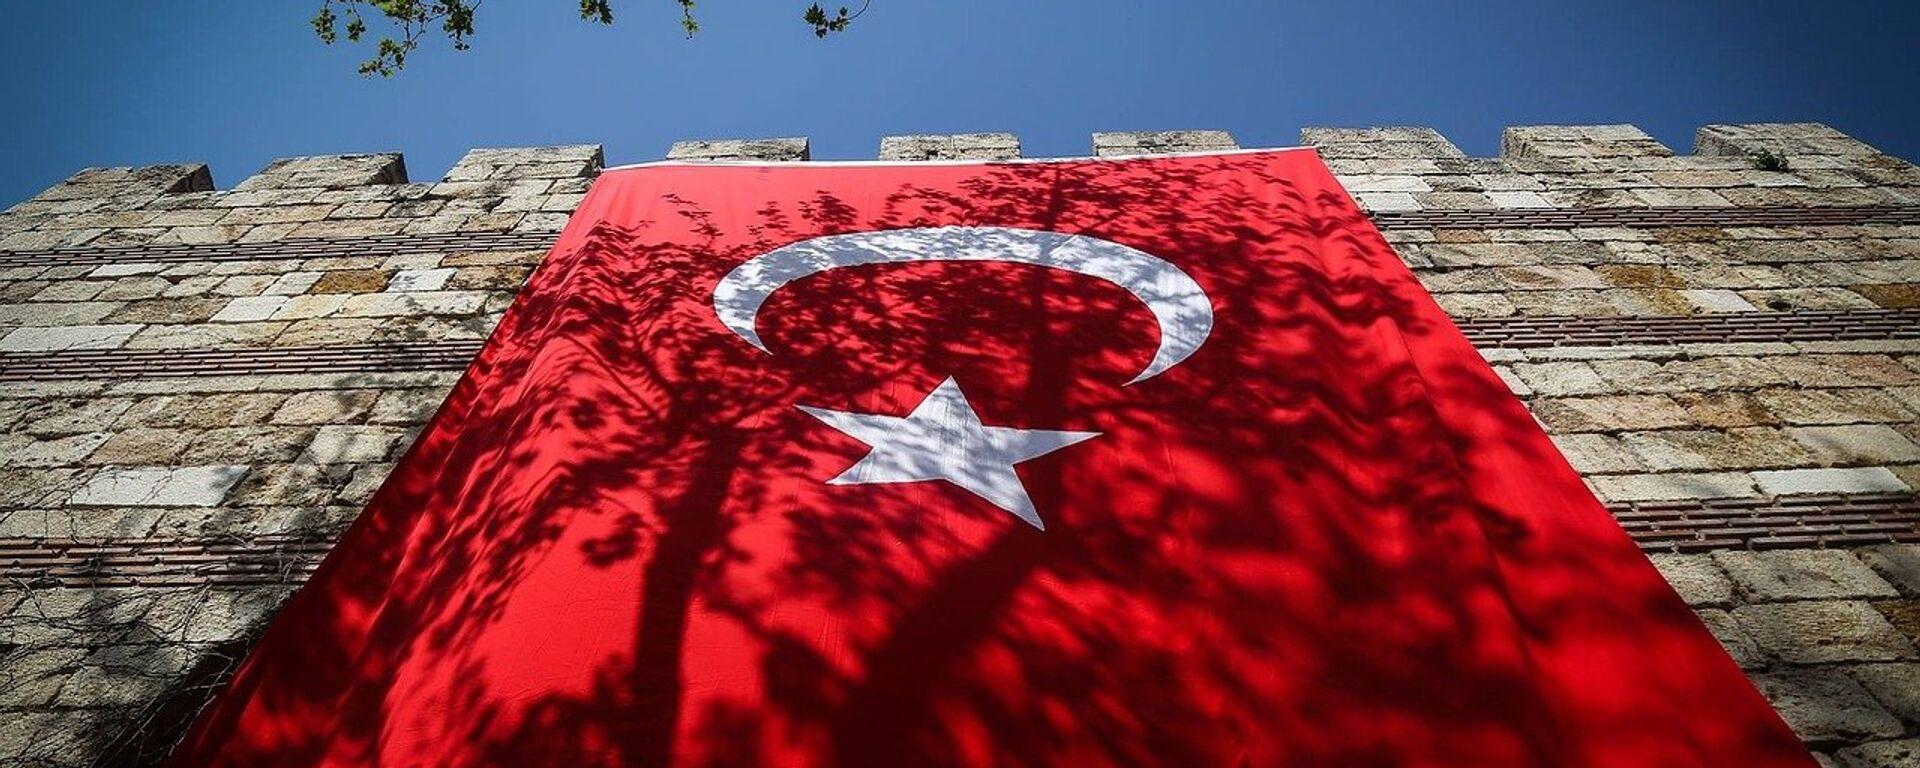 Σημαία της Τουρκίας - Sputnik Ελλάδα, 1920, 01.10.2021